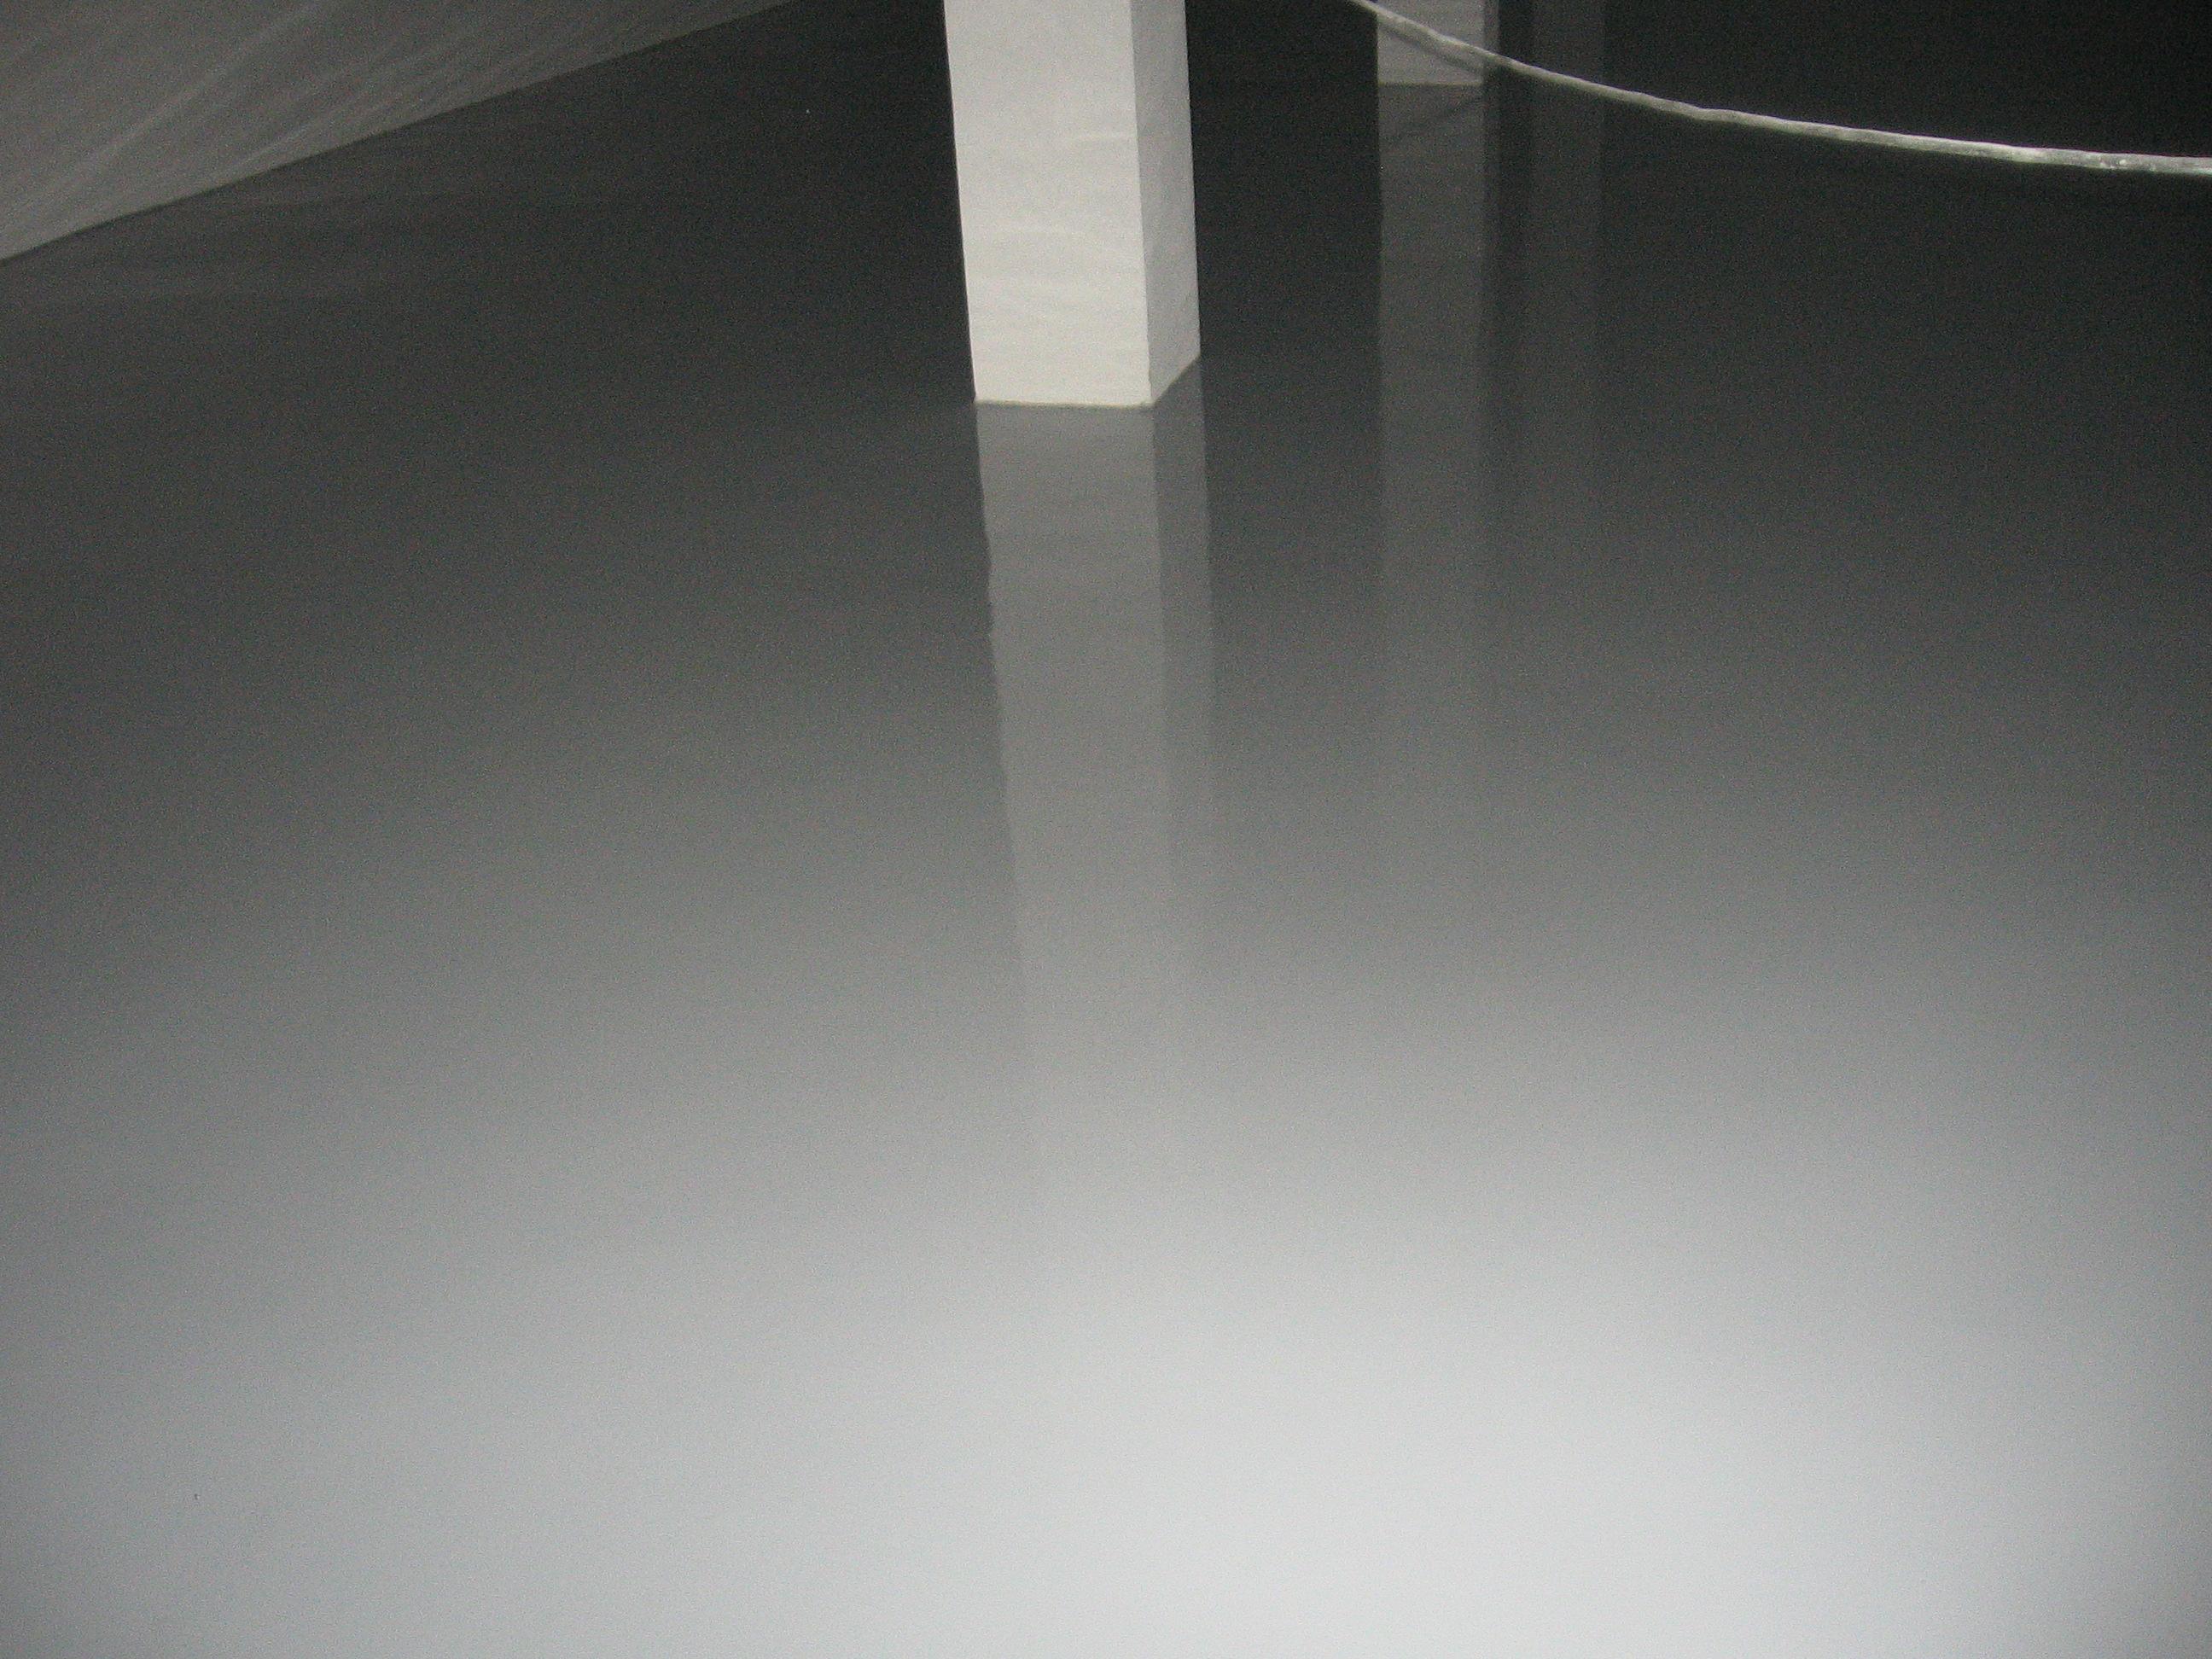 Pardoselile din rasini sintetice CLASSIC DOME - Poza 94